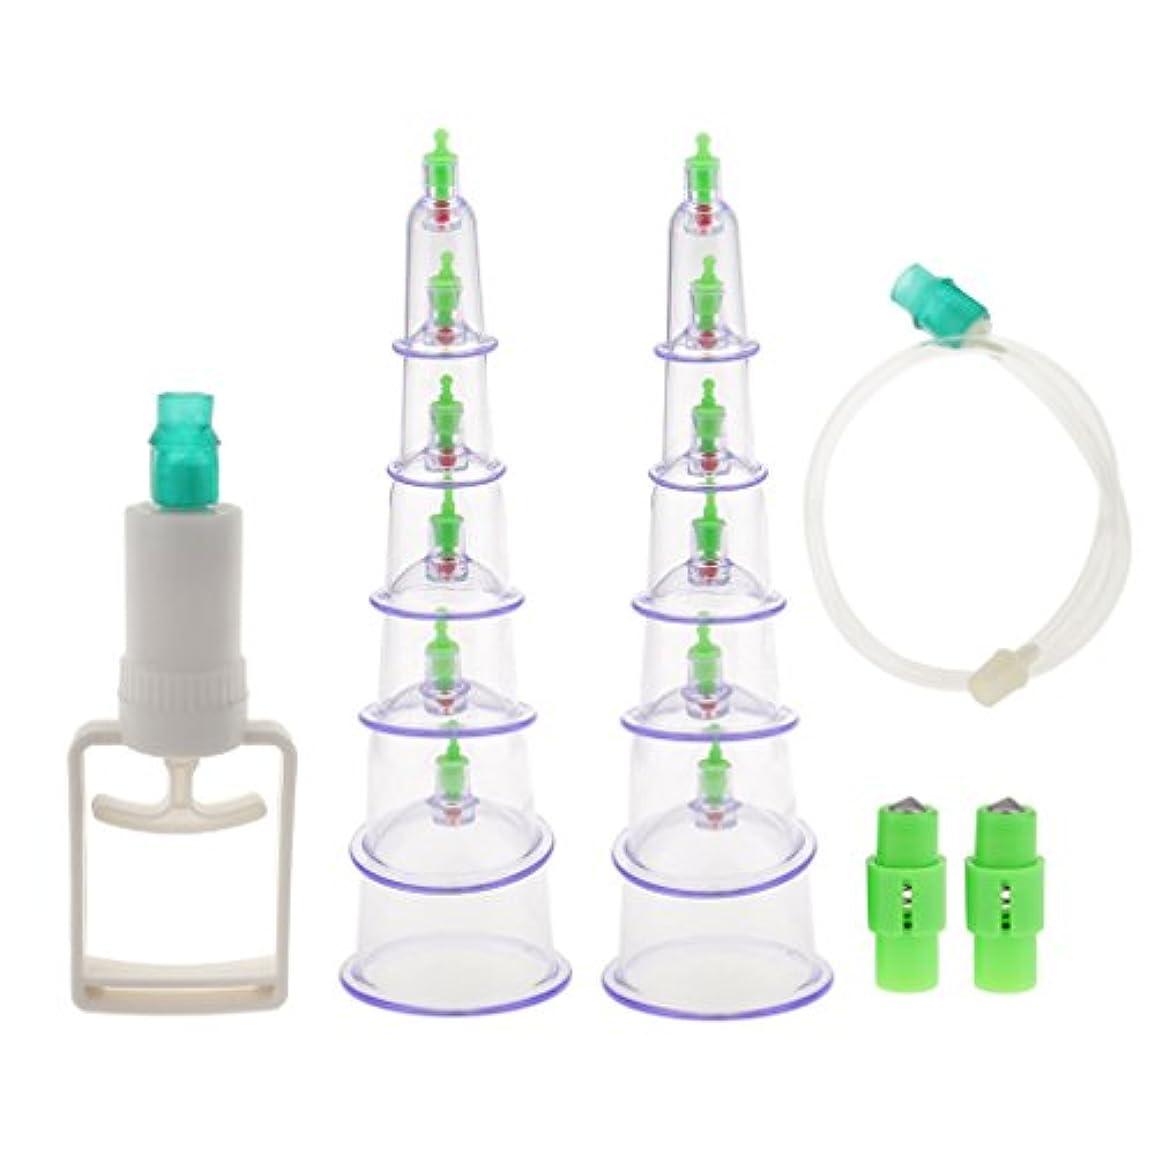 無心アレルギー伝染病SONONIA カッピング  吸い玉 12個セット 付属品付き 真空 セラピーセット マッサージ 血液循環 組織再生